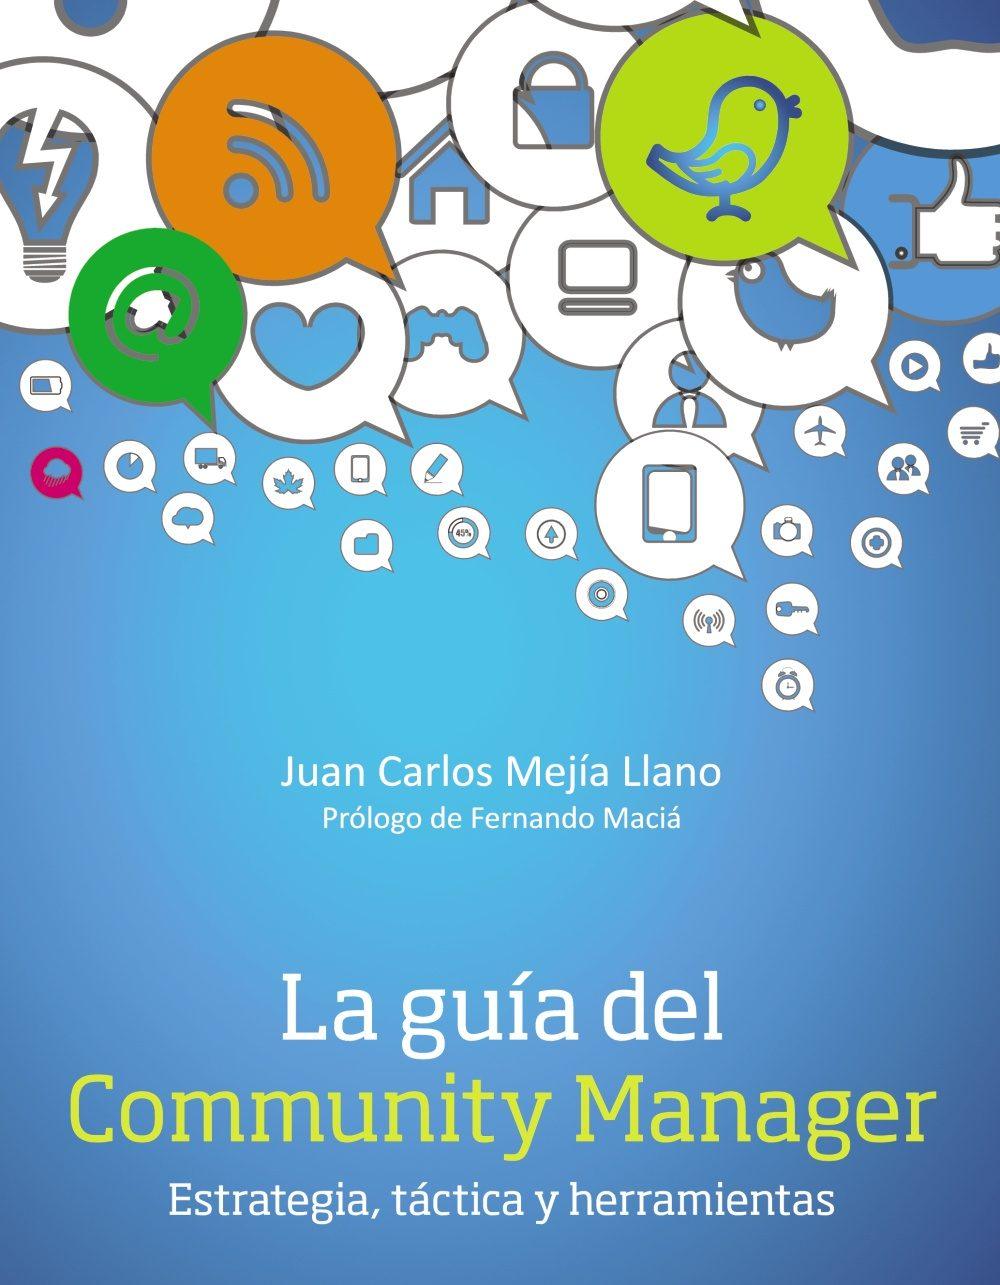 La Guía del Community Manager: Estrategia, tácticas y herramientas